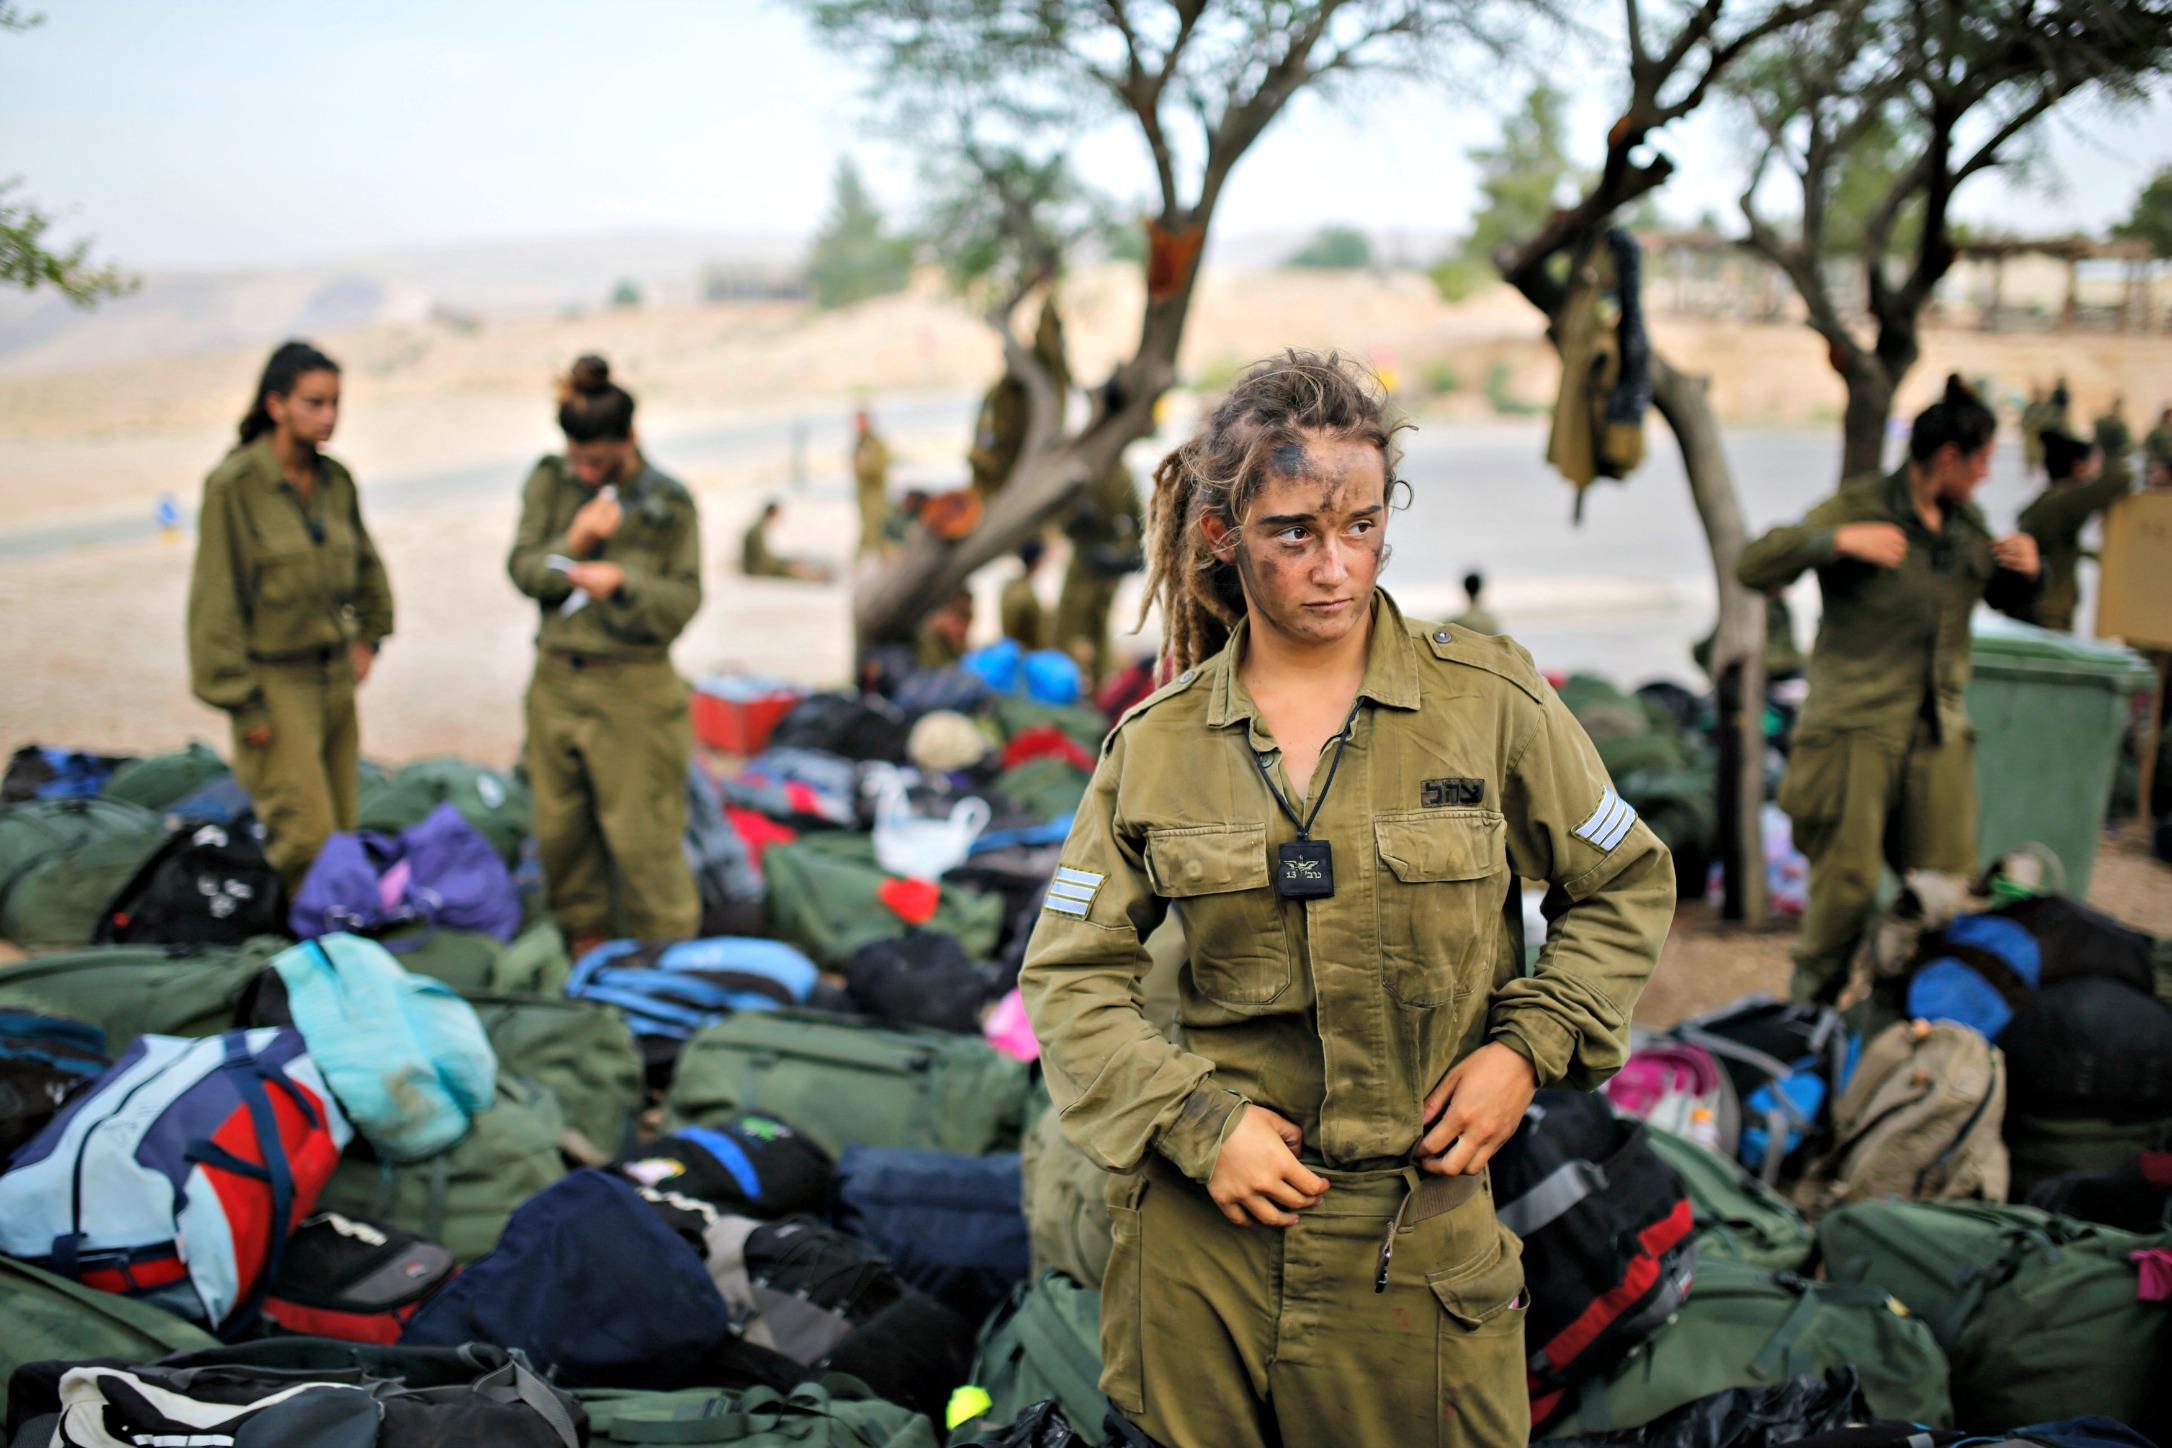 التحرش الجنسي ينخر جسد إسرائيل